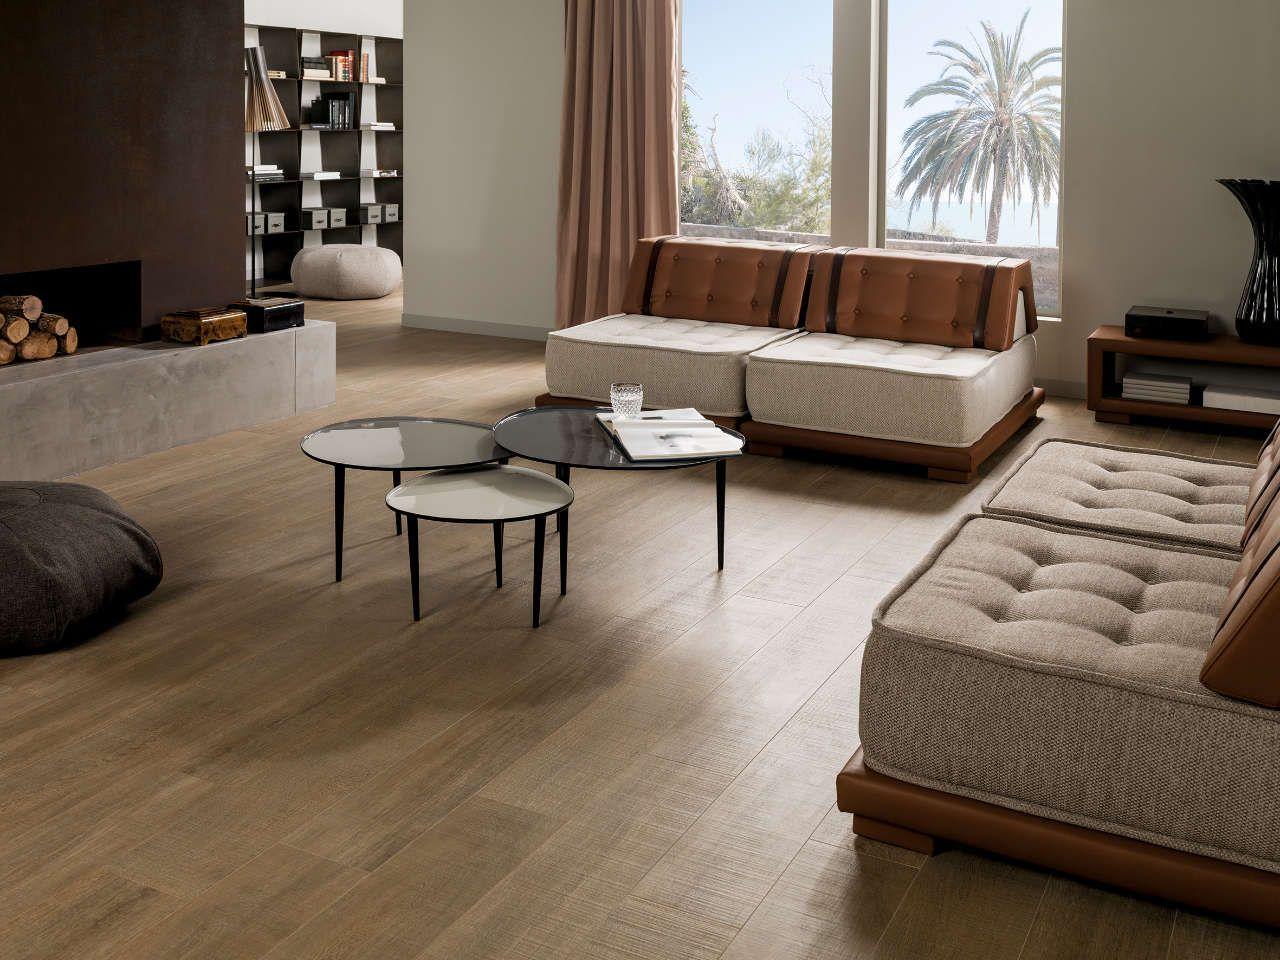 Par ker floor tiles amazonia natural 193x120 cm par ker floor tiles amazonia natural 193x120 cm doublecrazyfo Image collections